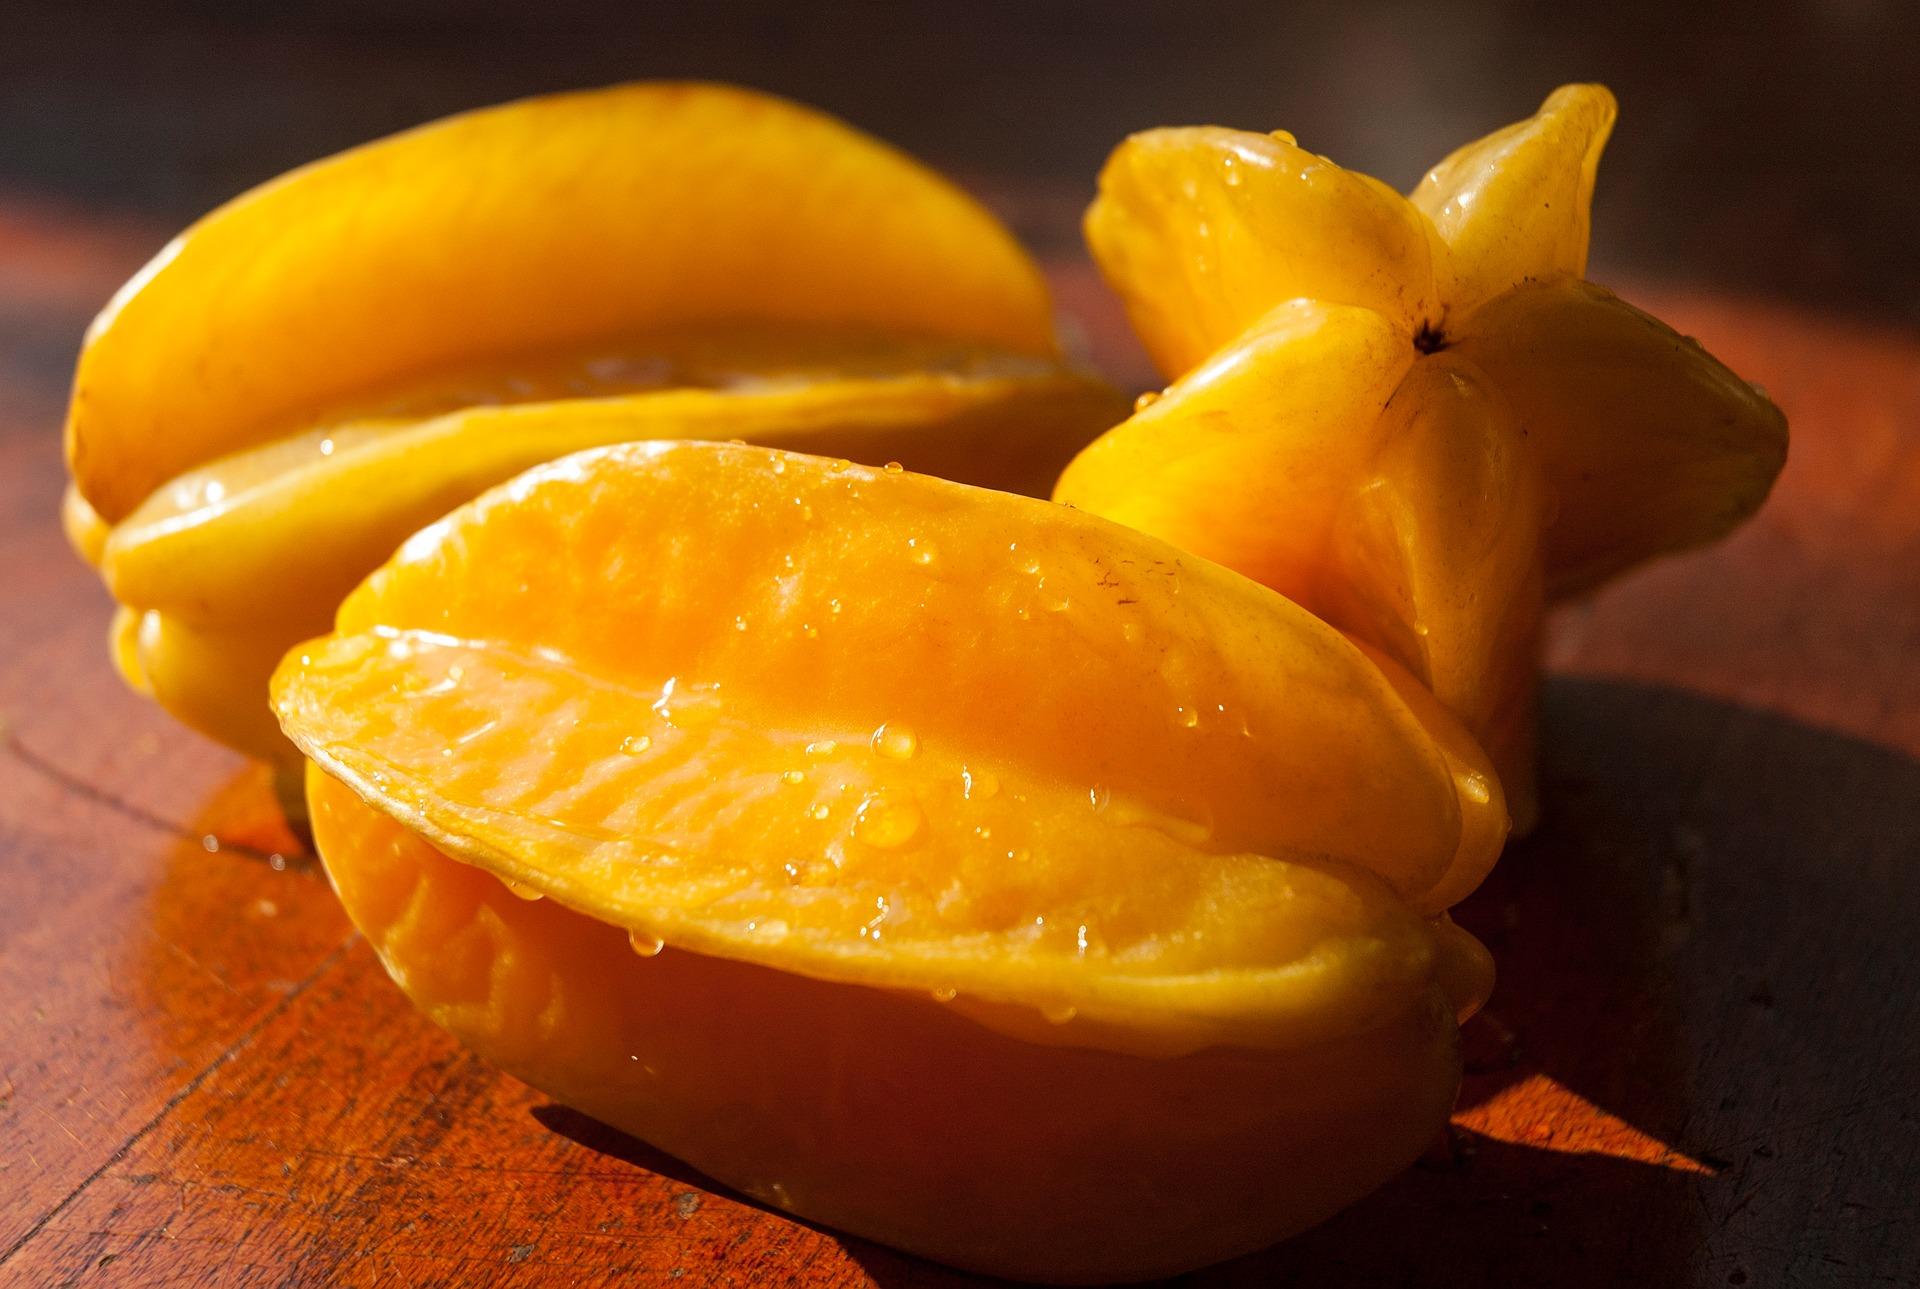 La carambola o fruta estrella es una de las frutas exóticas de México.